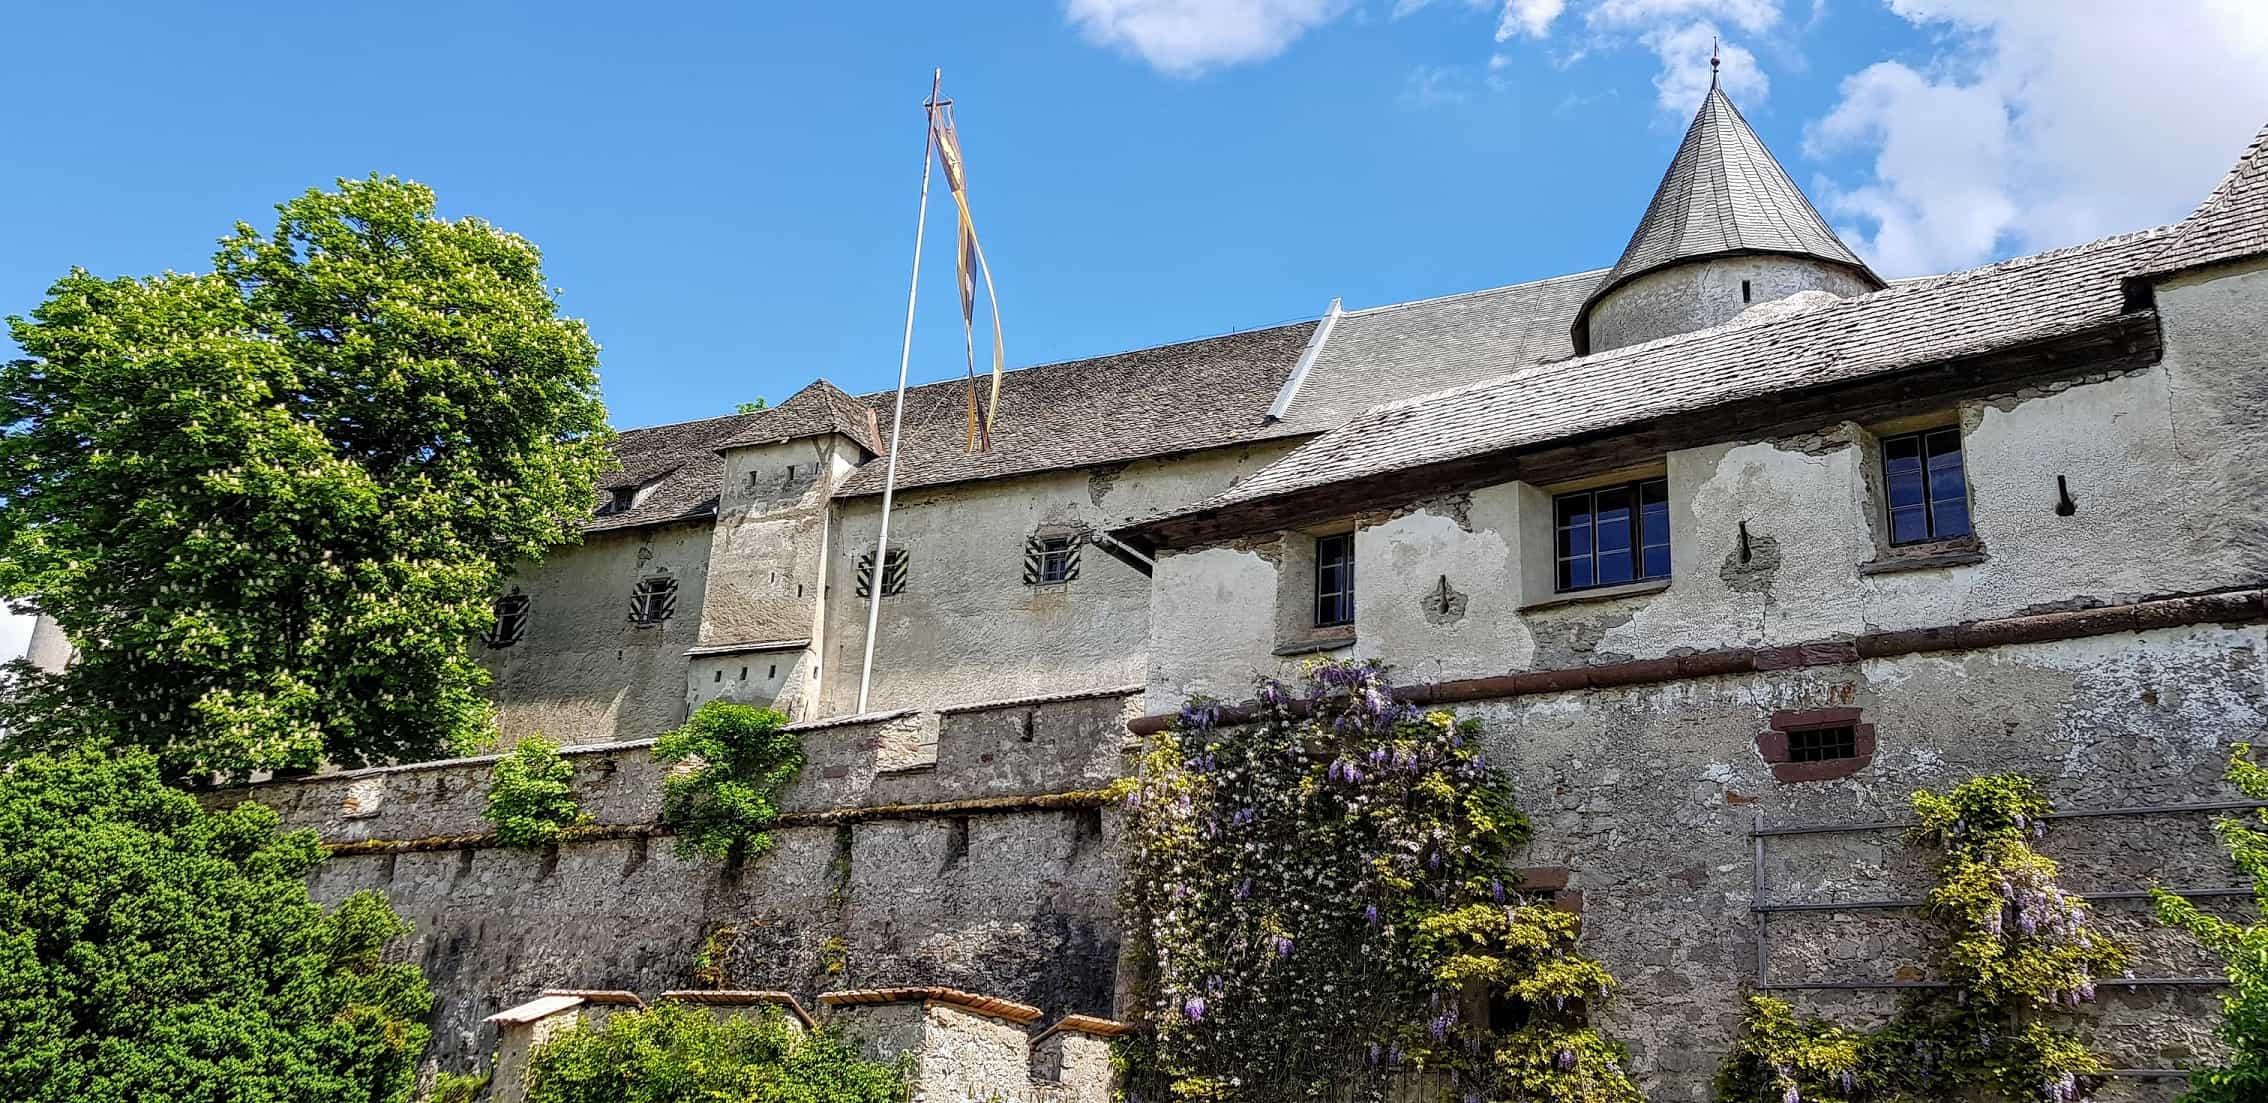 Führungen im Museum auf der Burg Hochosterwitz finden laufend statt und sind im Eintrittspreis inbegriffen.